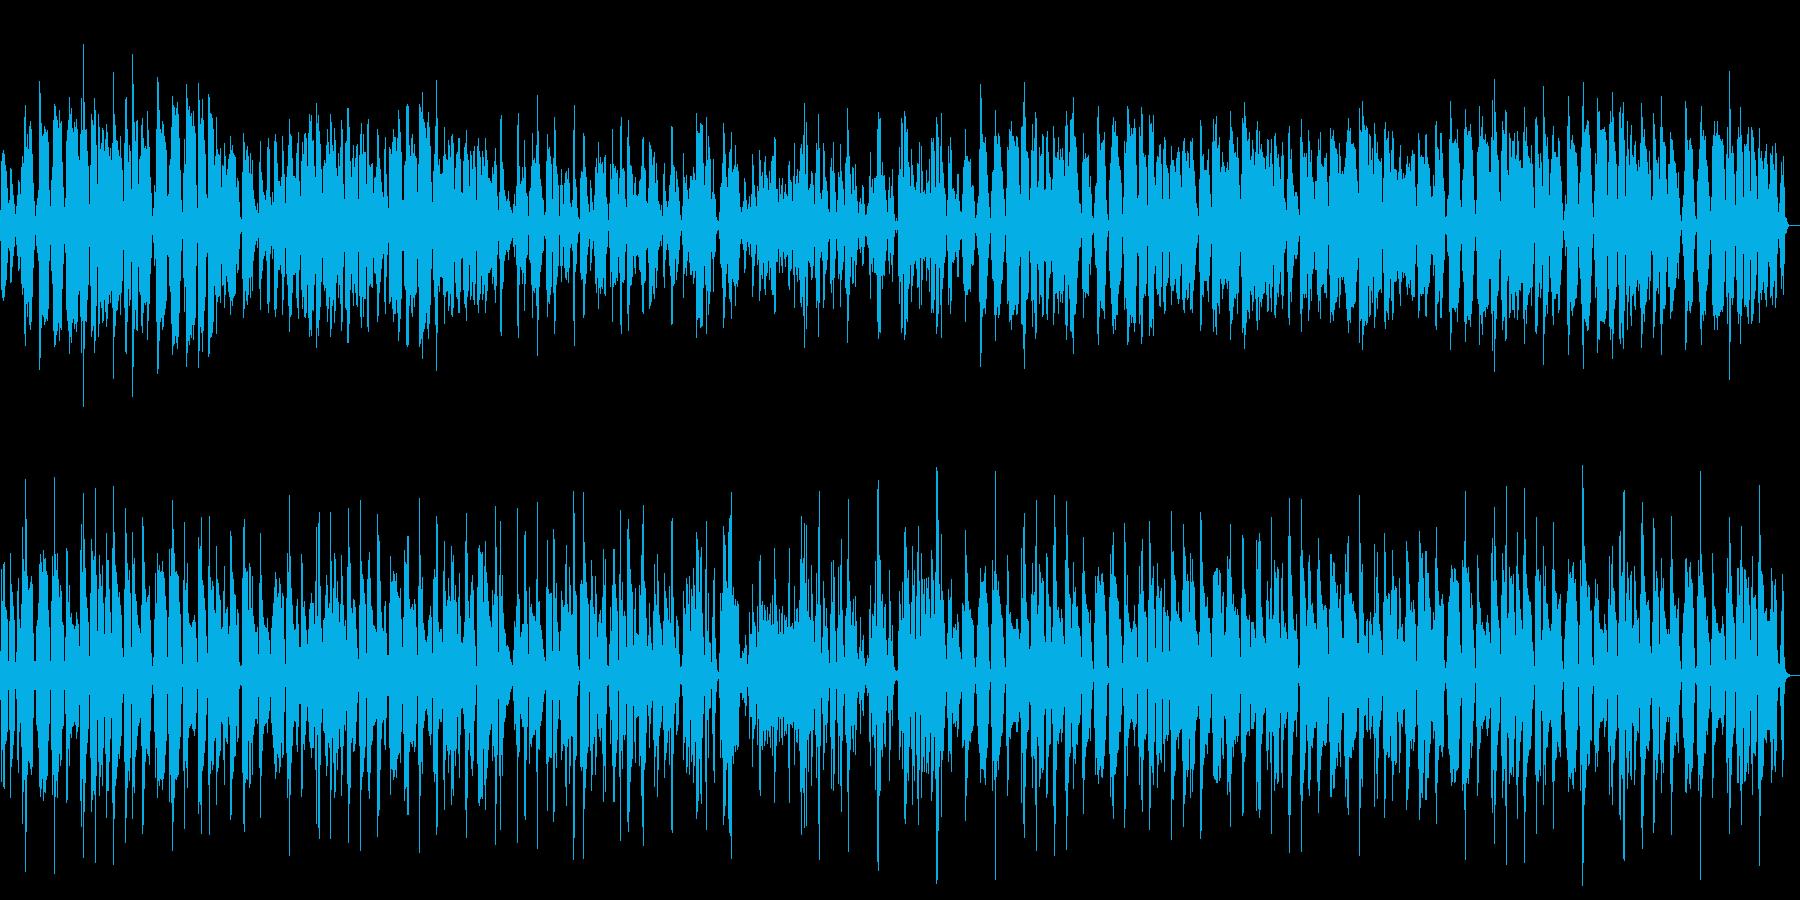 居酒屋でのジャズ演奏の再生済みの波形